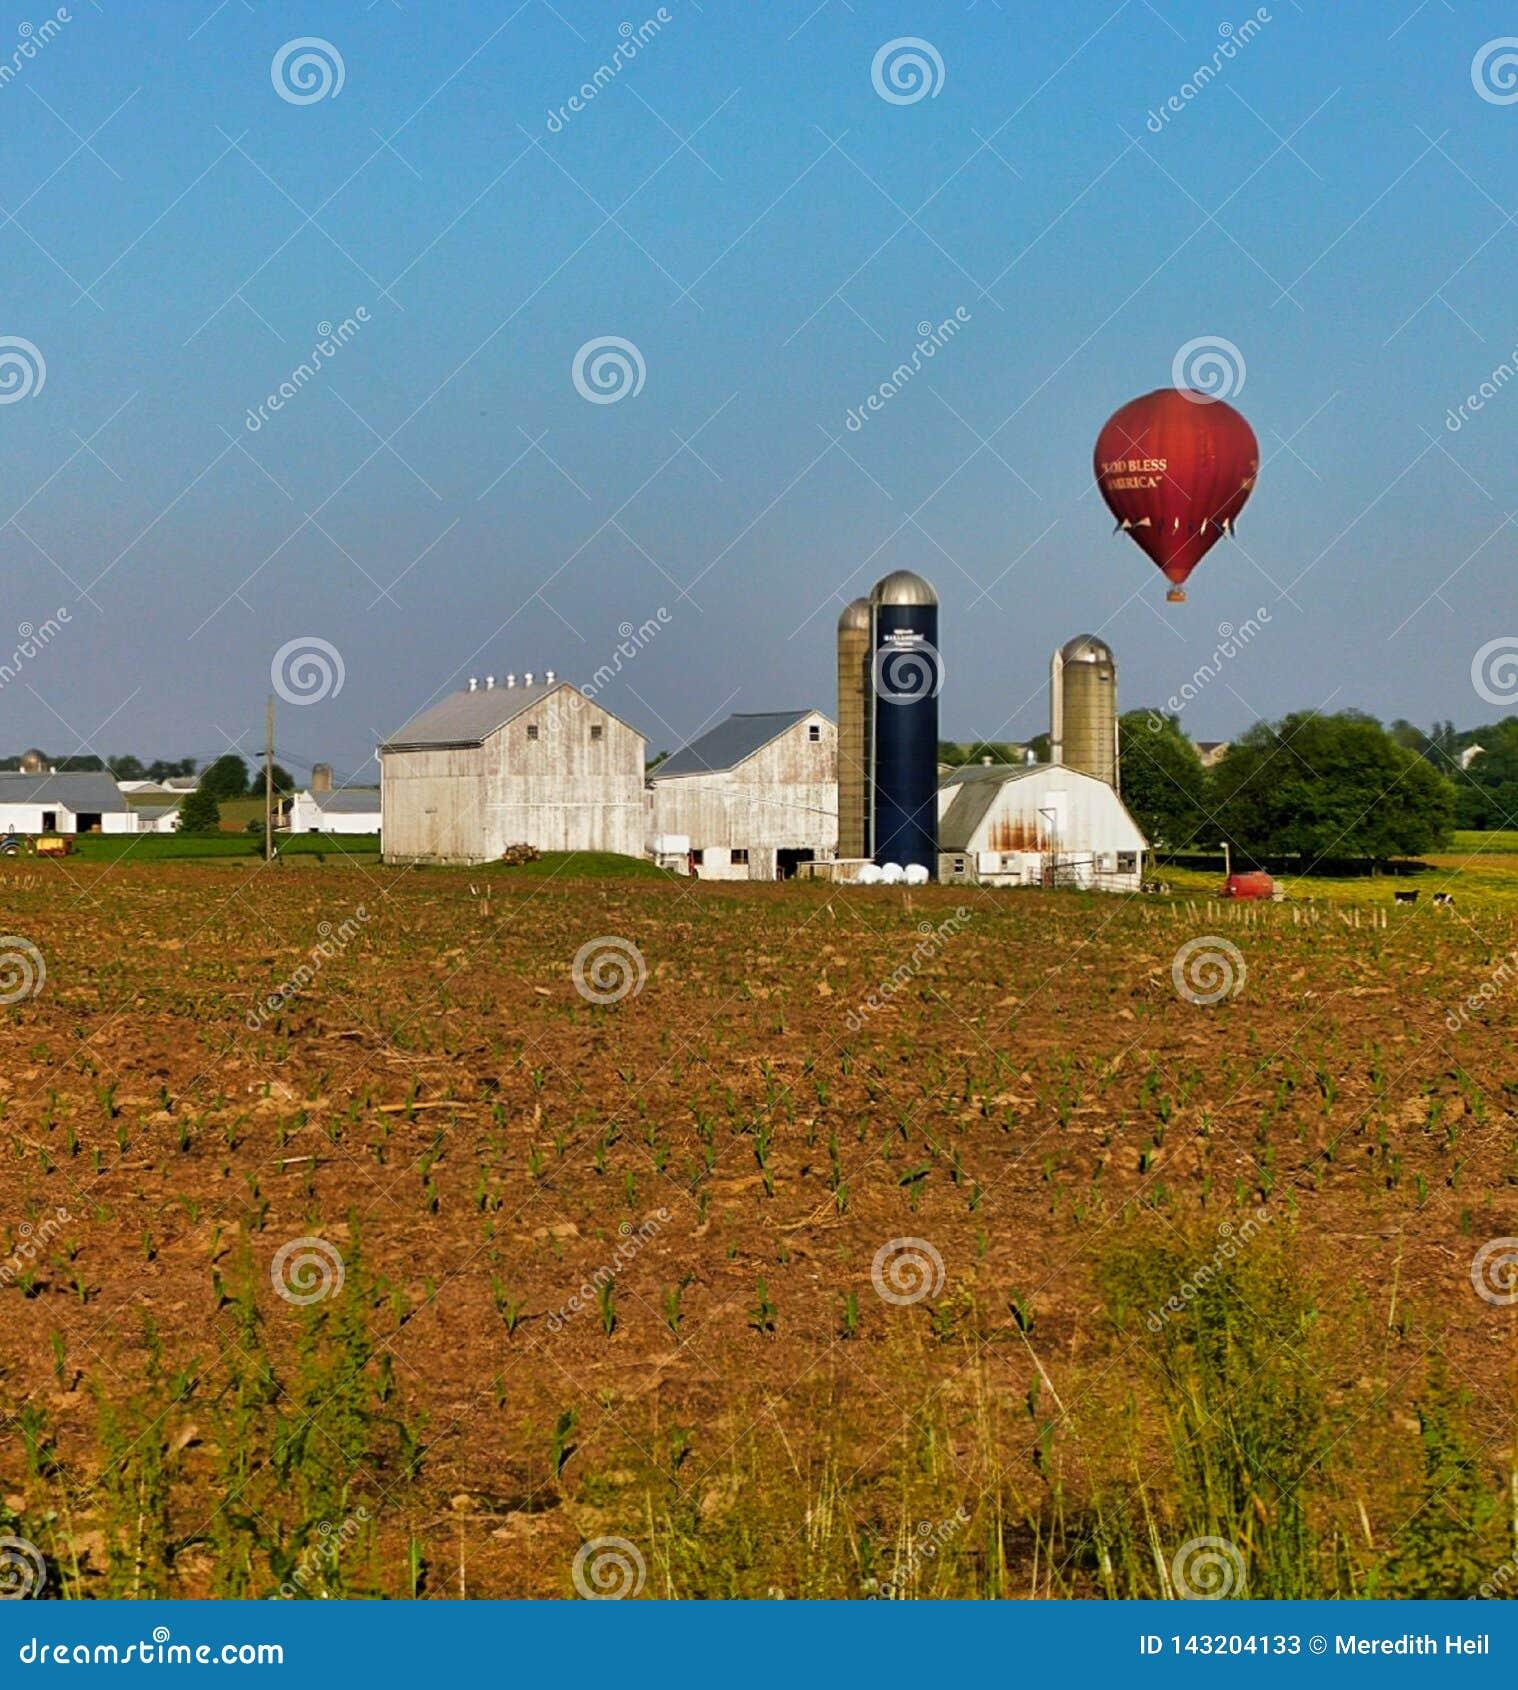 漂浮在农舍上的一个炽热气球